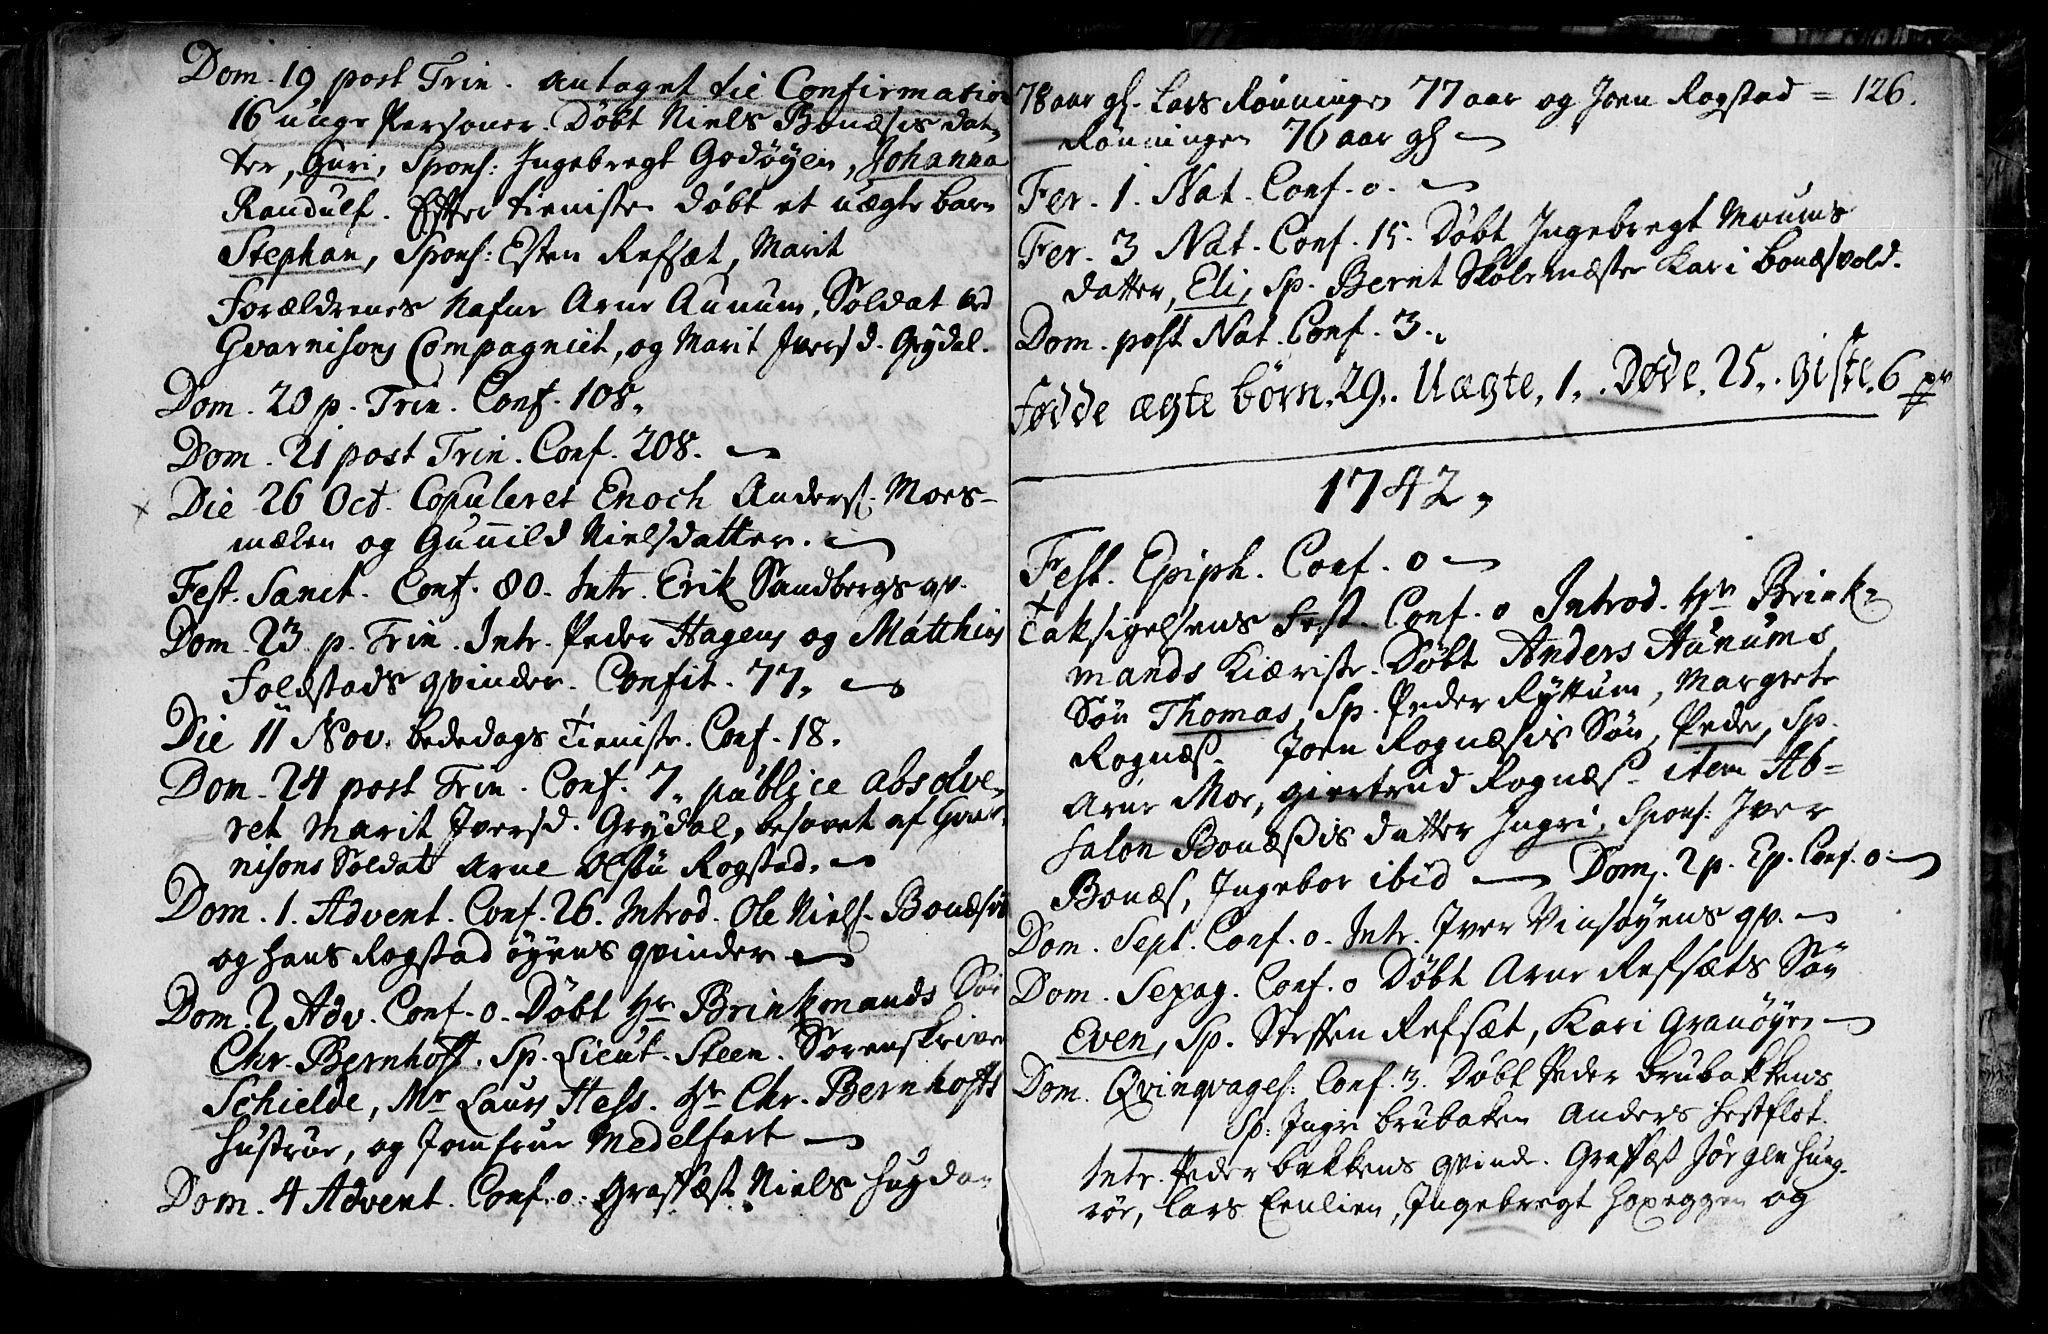 SAT, Ministerialprotokoller, klokkerbøker og fødselsregistre - Sør-Trøndelag, 687/L0990: Ministerialbok nr. 687A01, 1690-1746, s. 126